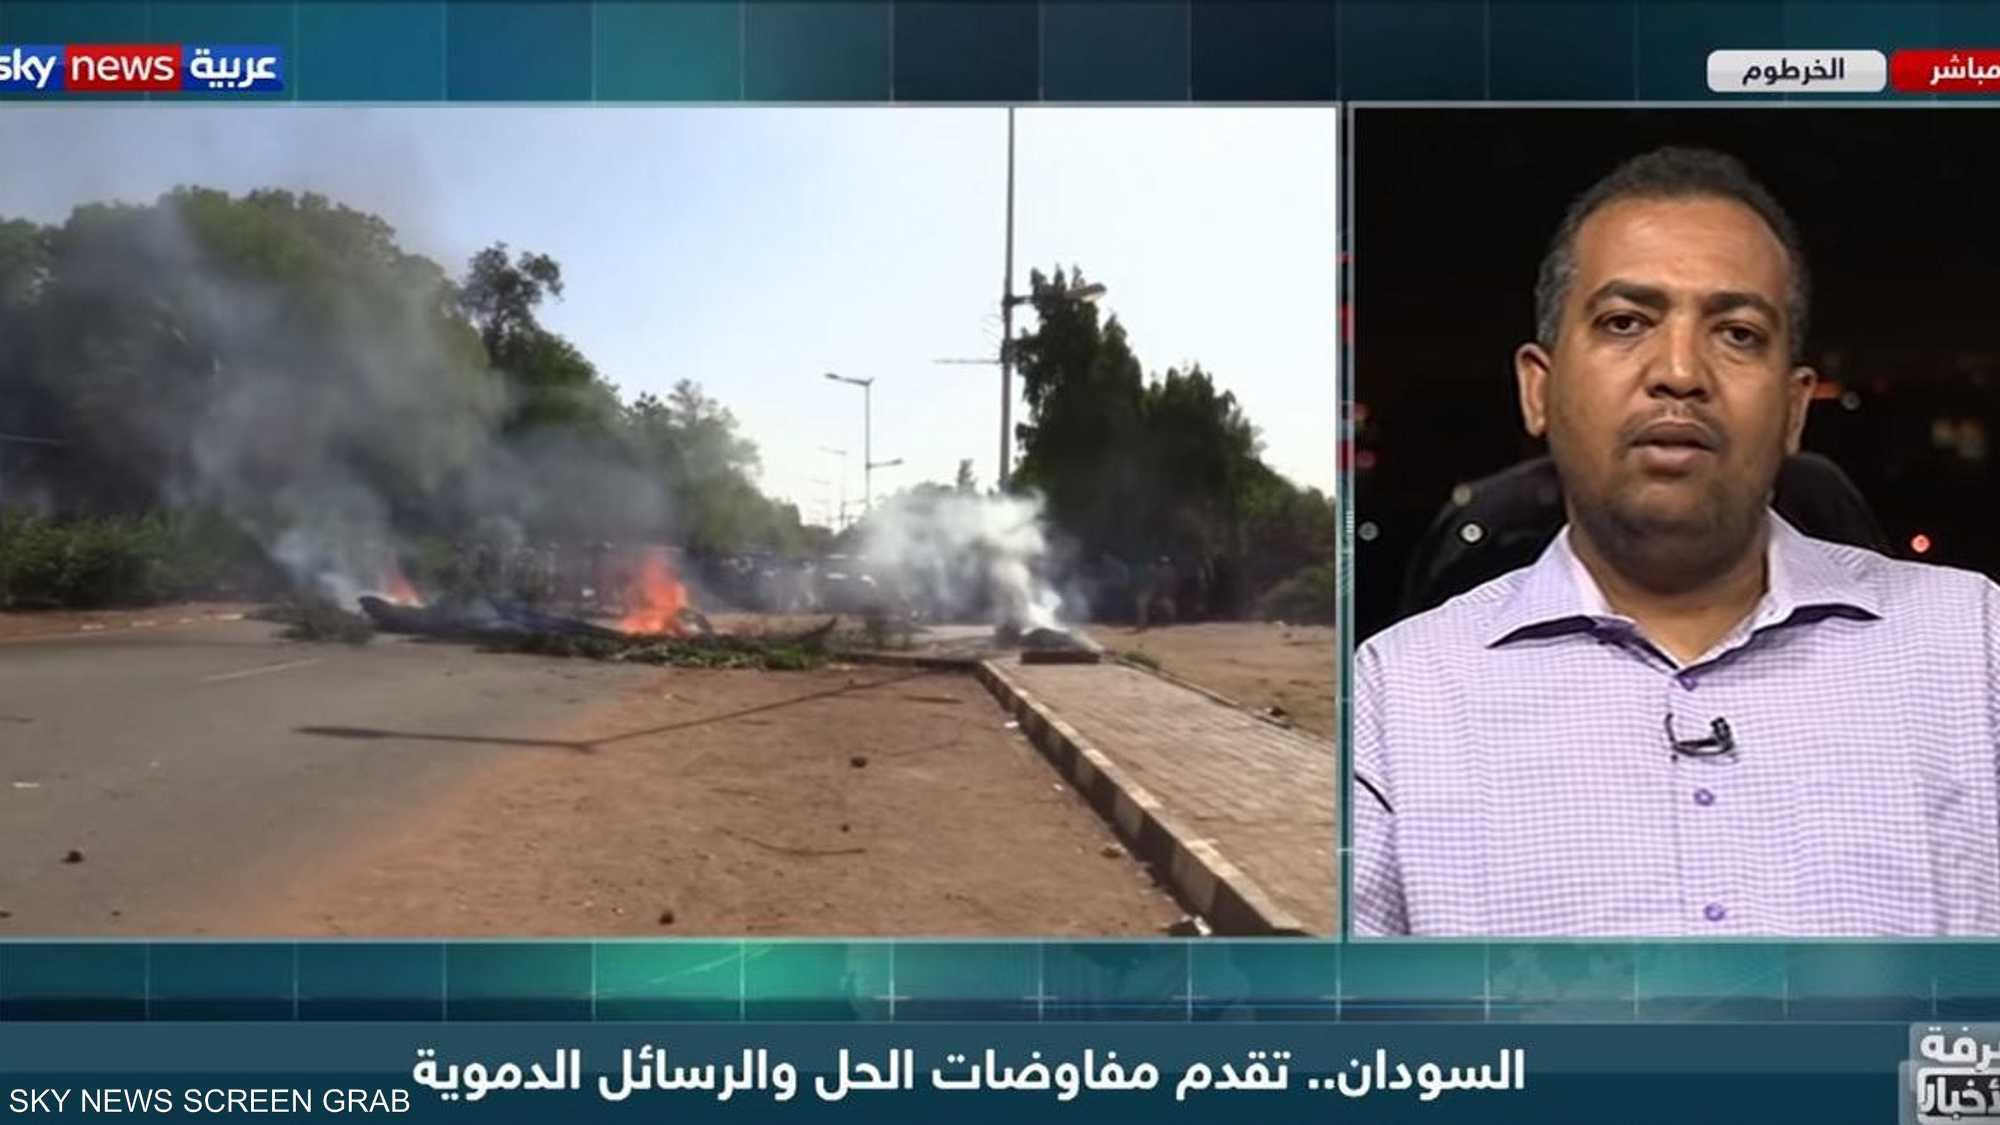 السودان.. تقدم مفاوضات الحل والرسائل الدموية